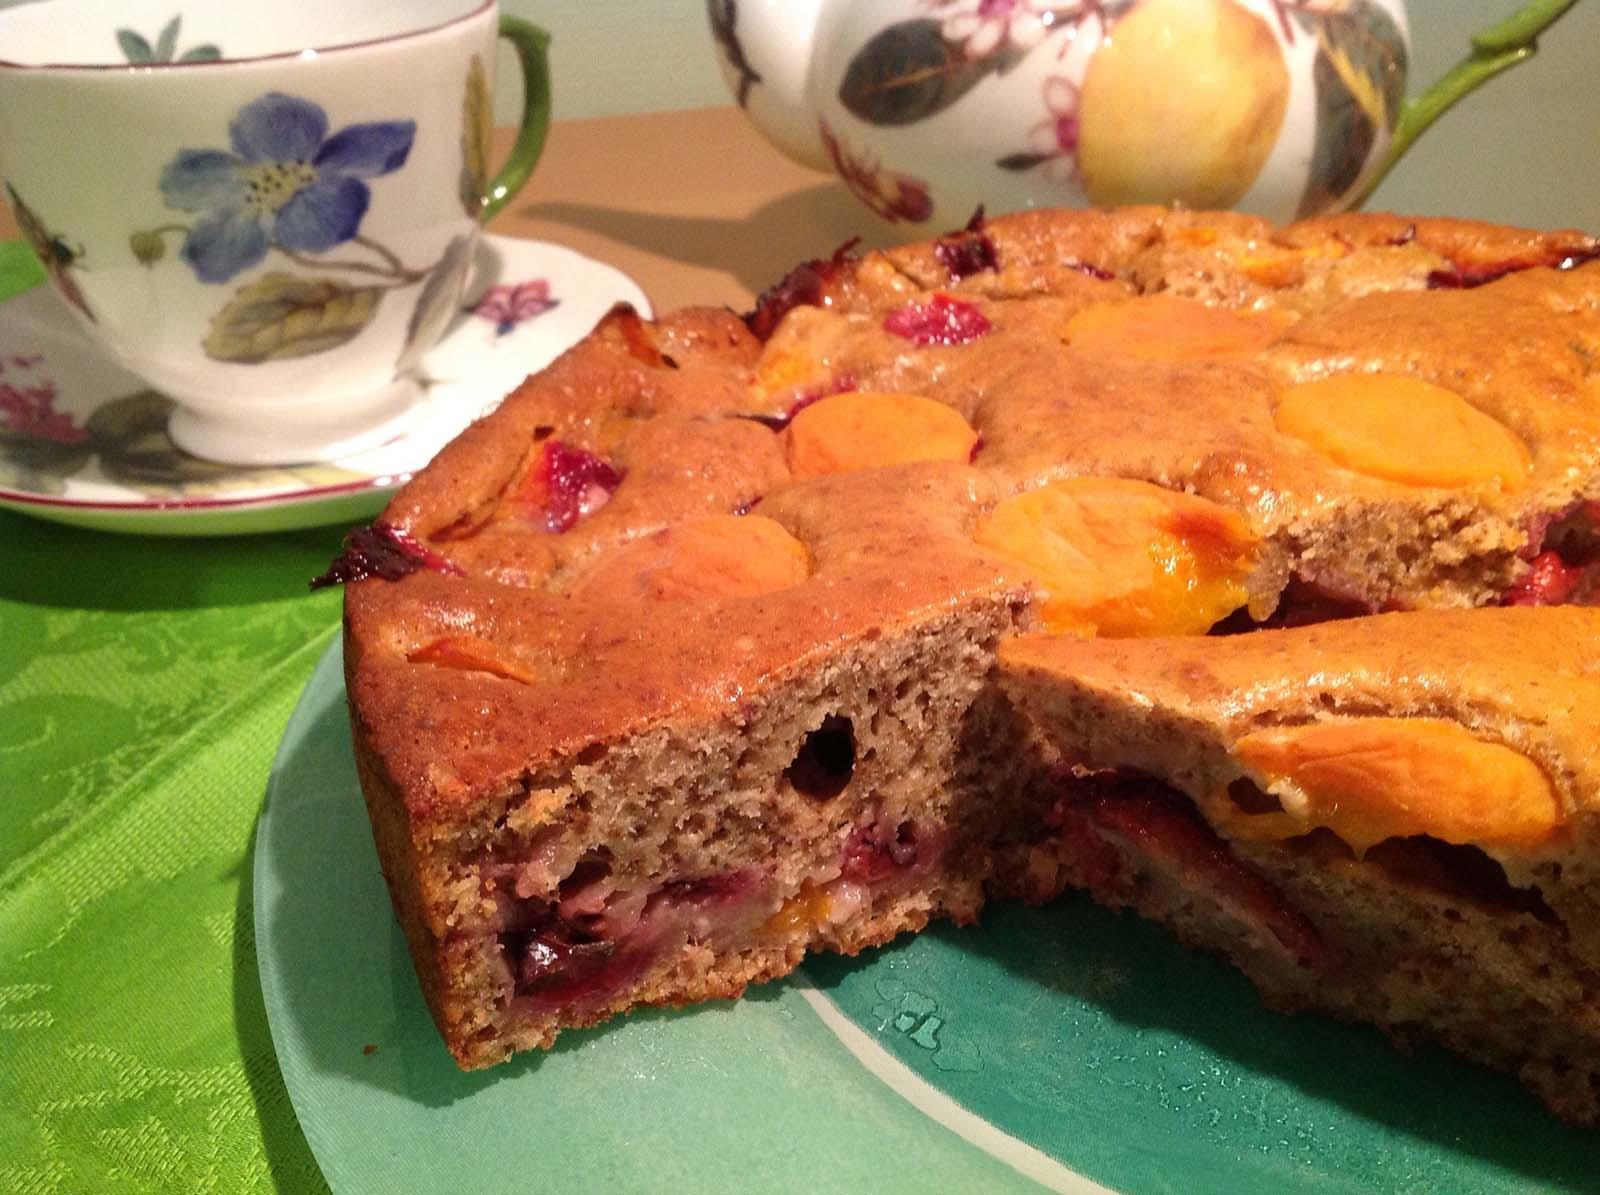 пирог со сливами рецепт простой с фото опасаетесь